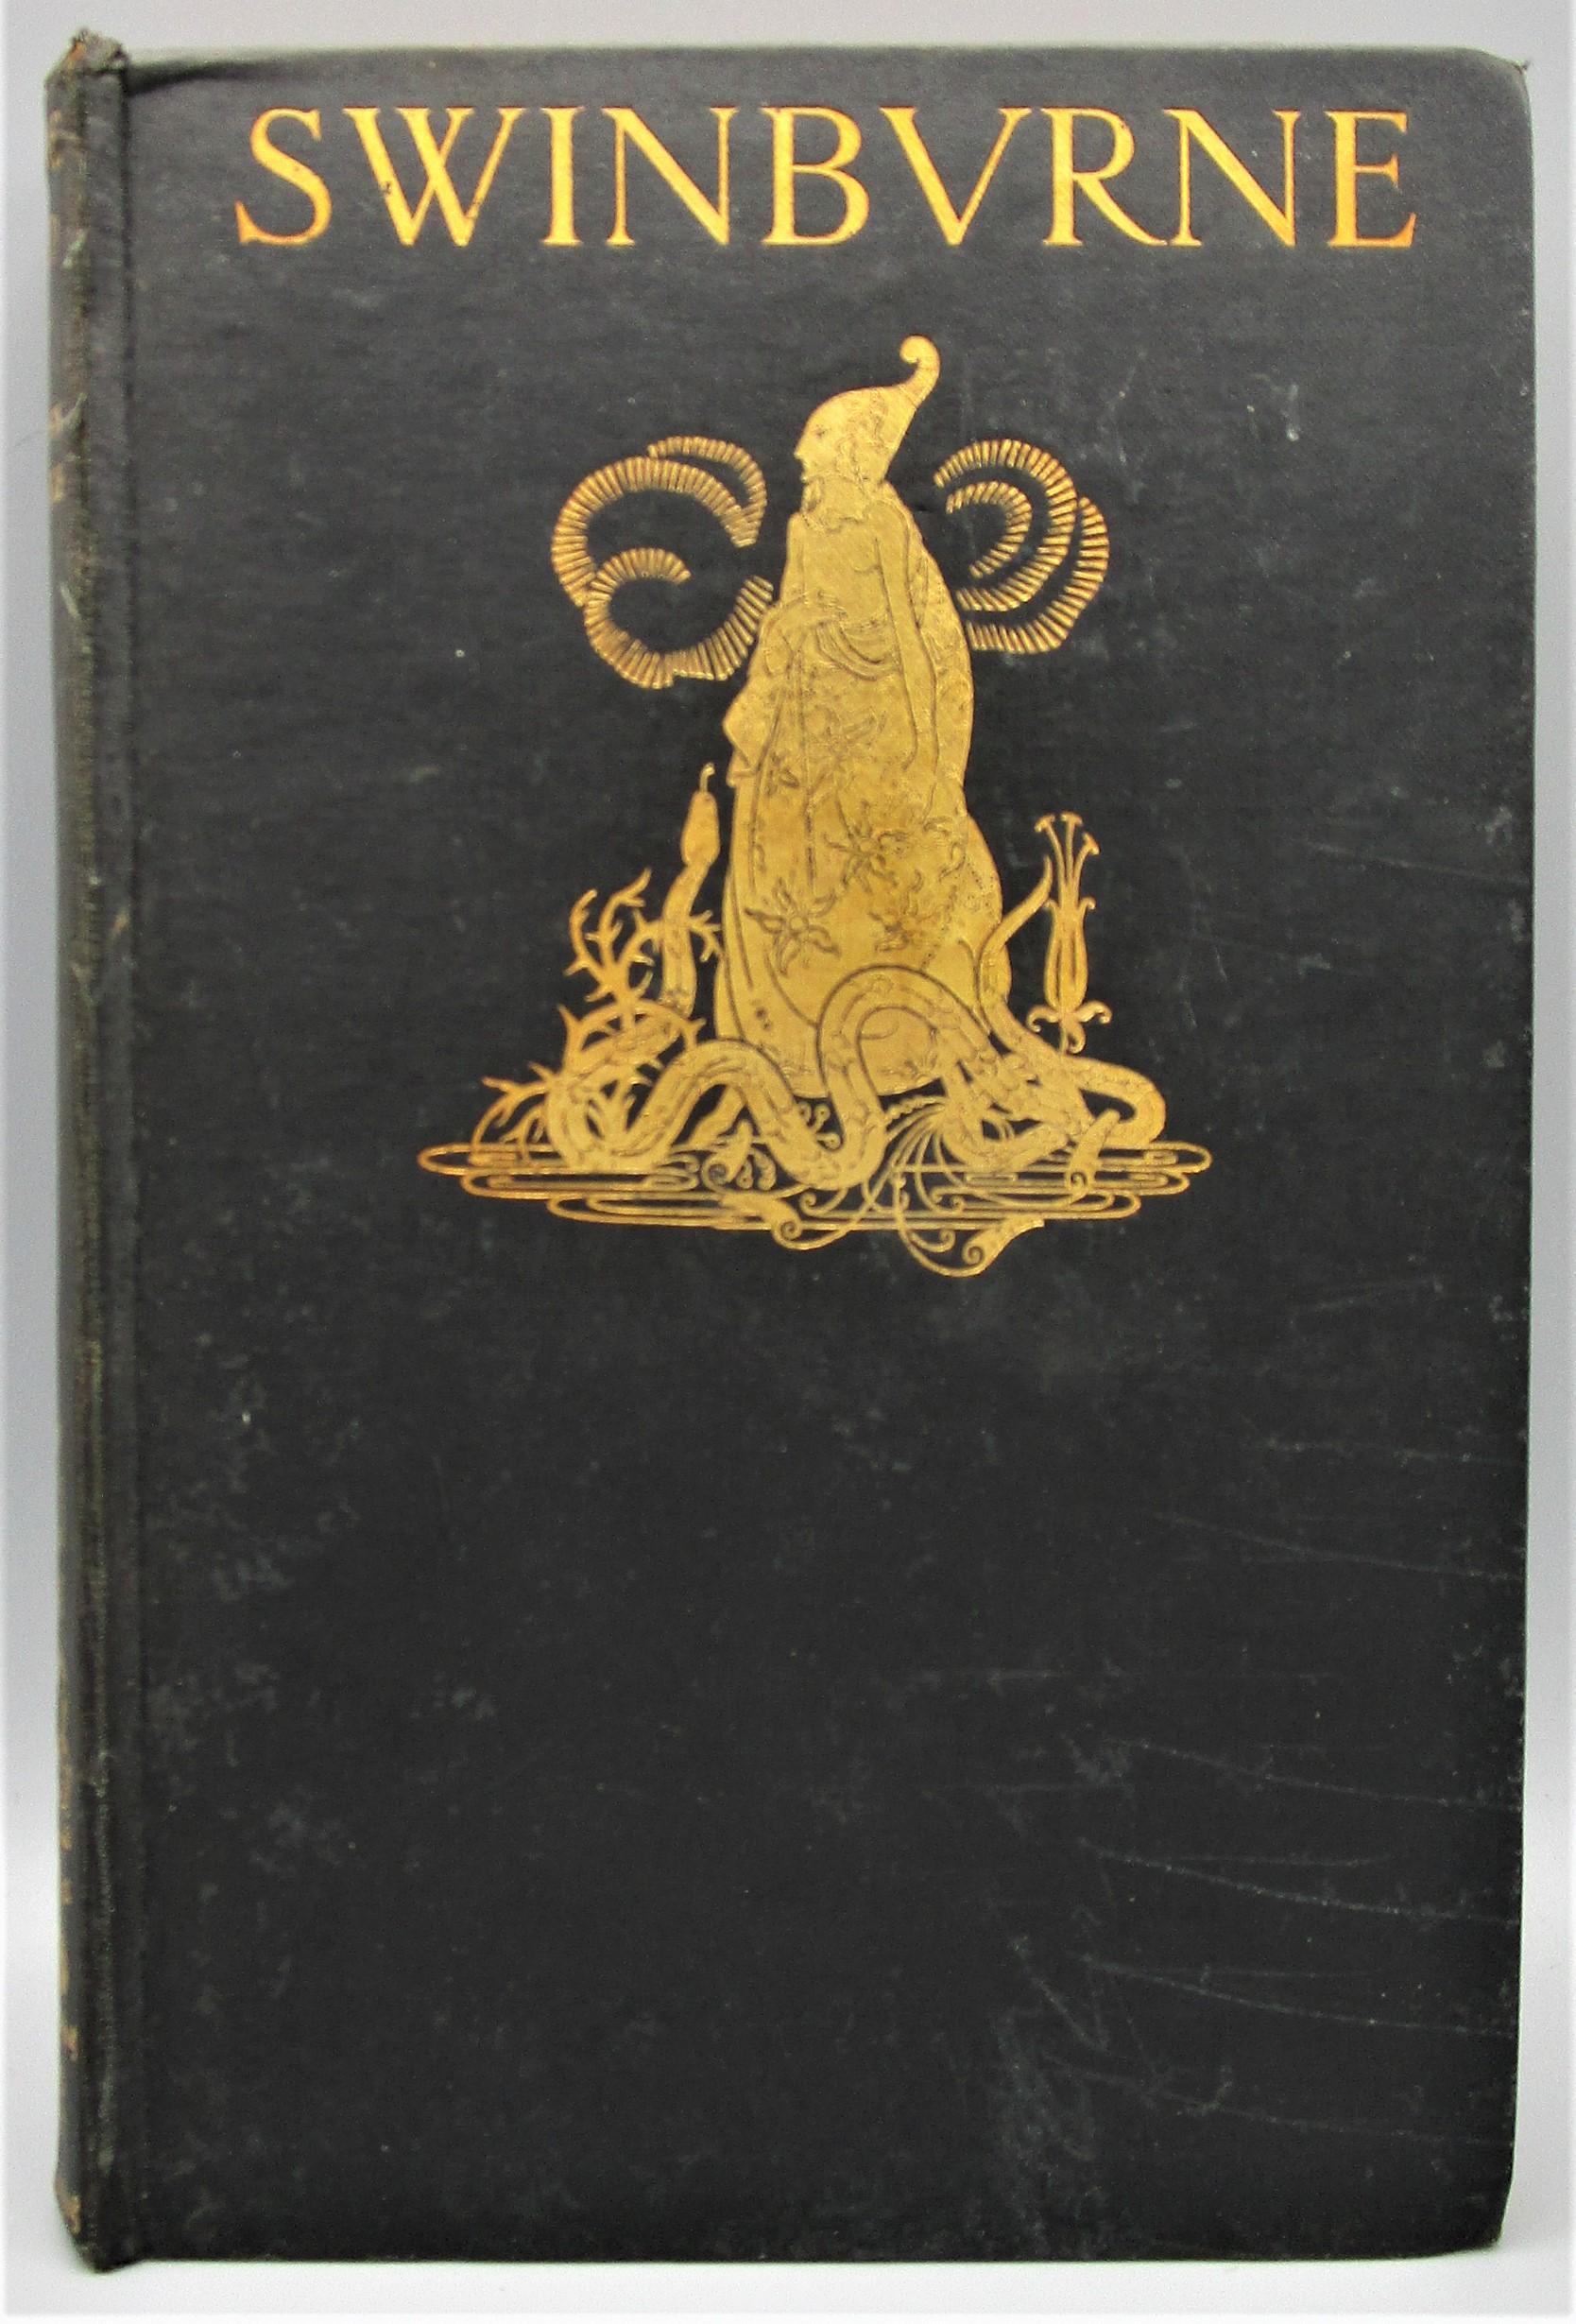 SELECTED POEMS OF ALGERNON CHARLES SWINBURNE, illus. by H. Clarke - 1928 [1st Ed]